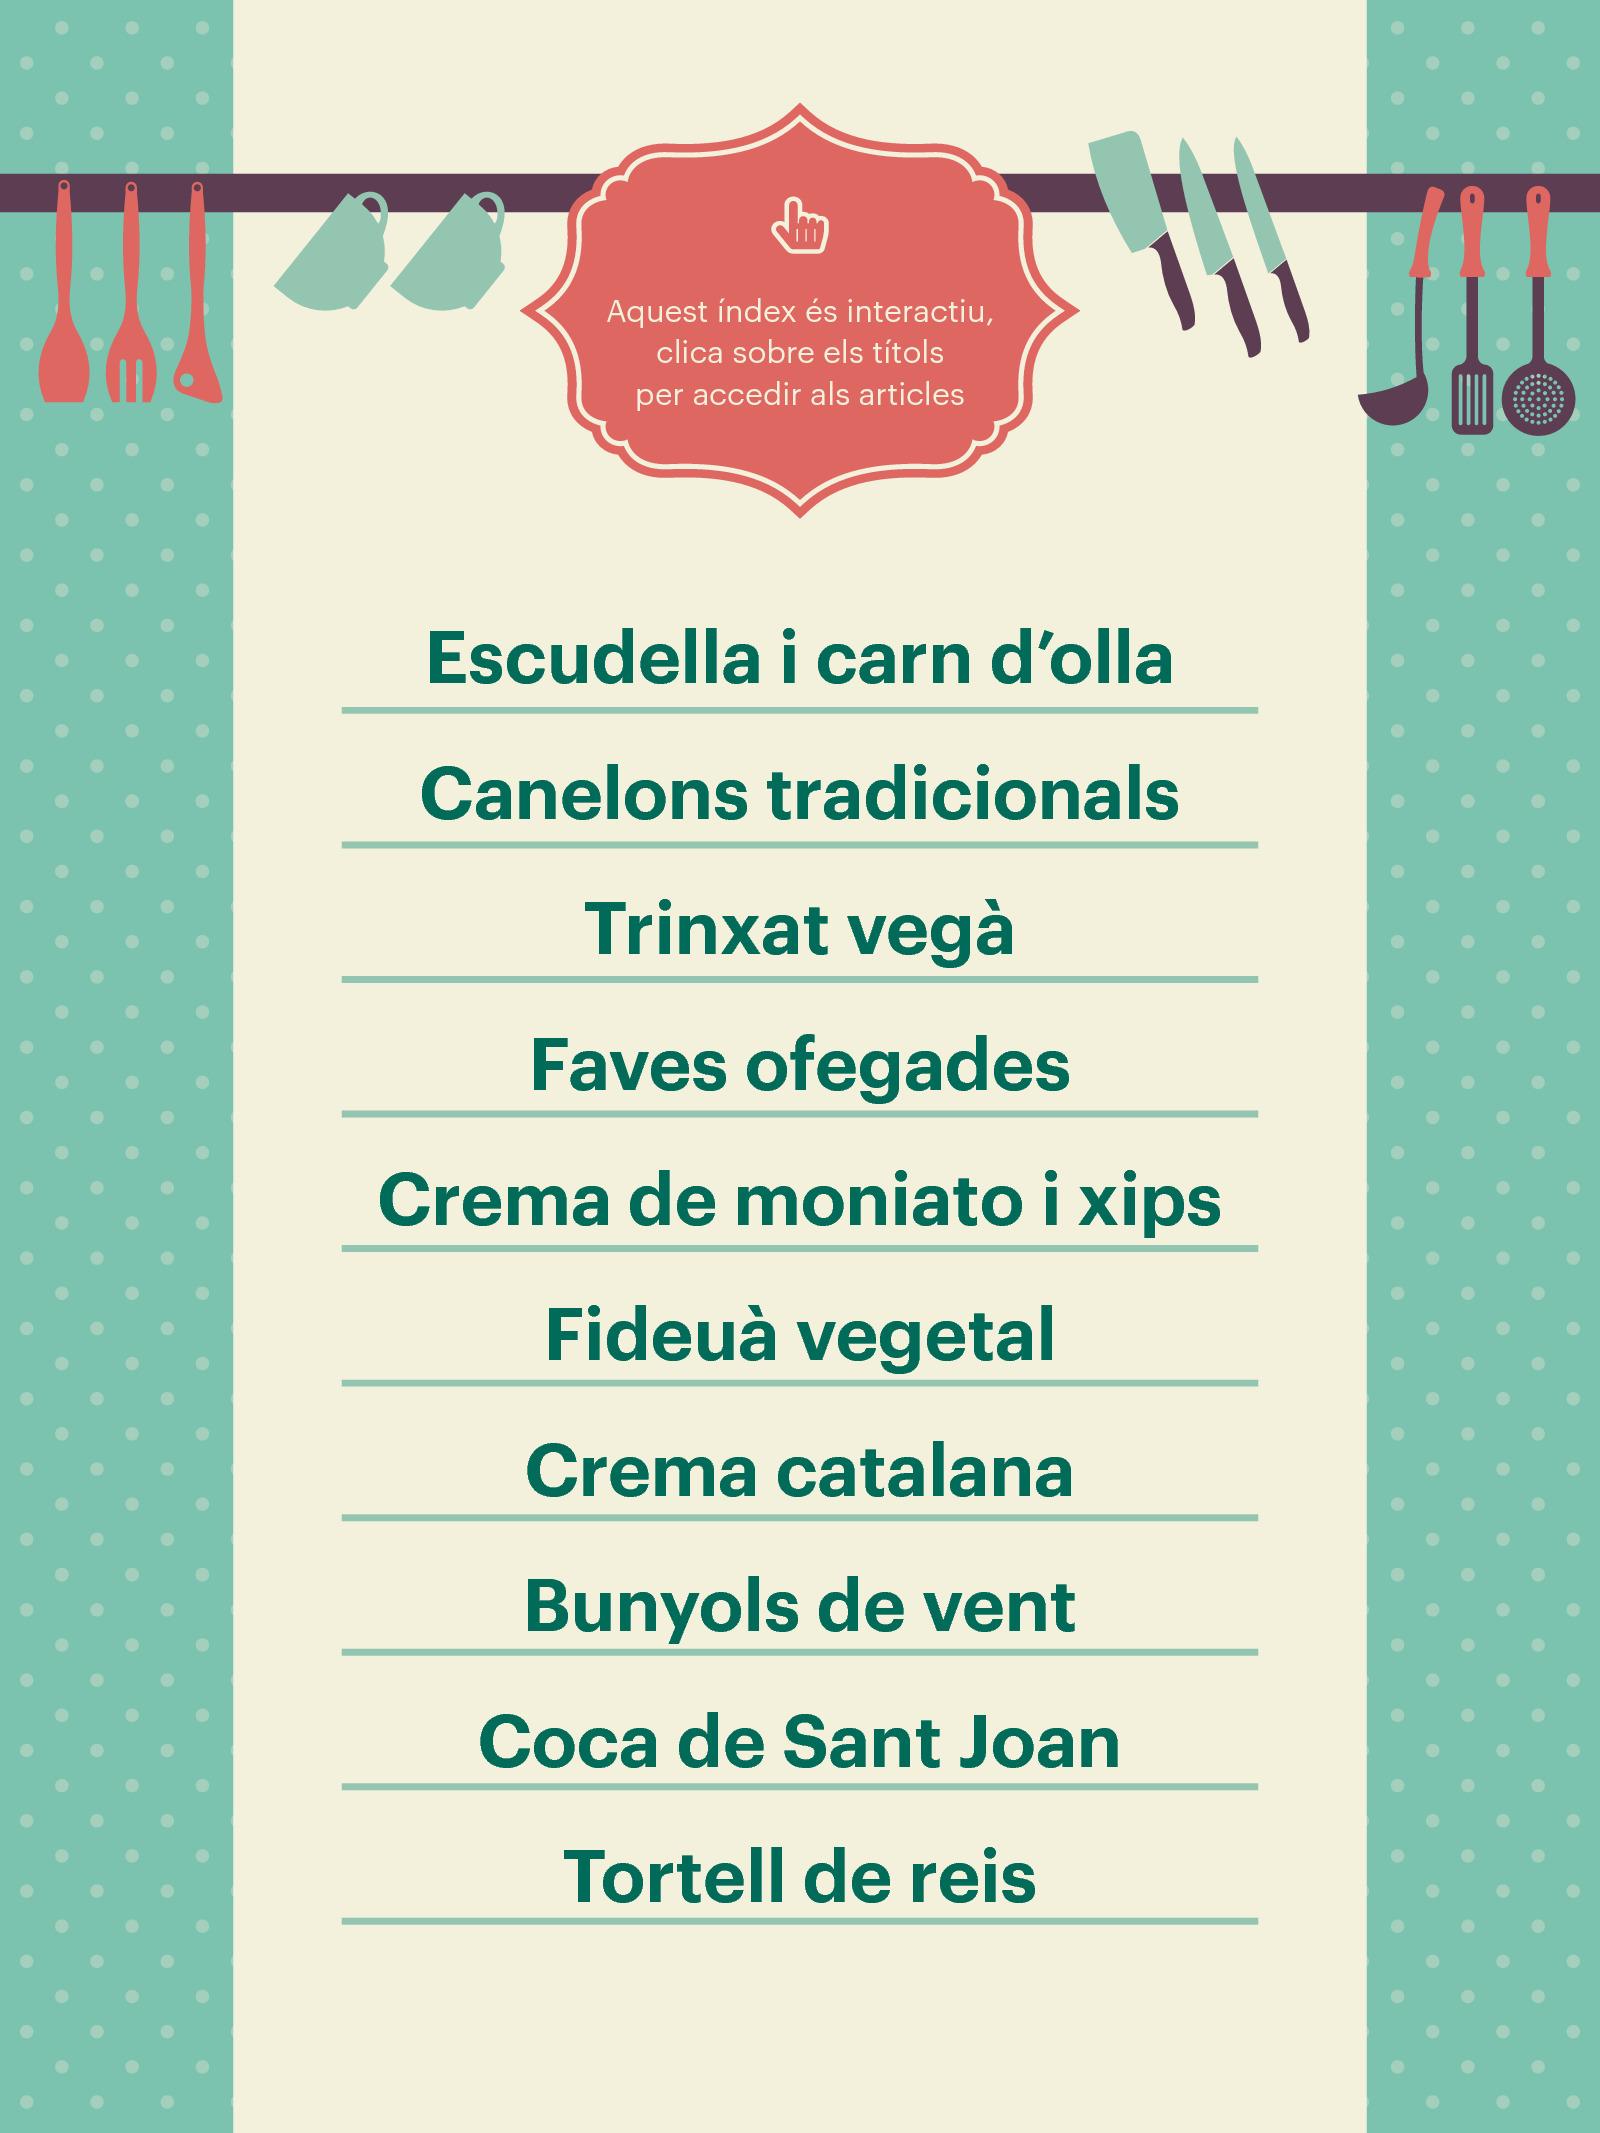 10 receptes de cuina catalana 2